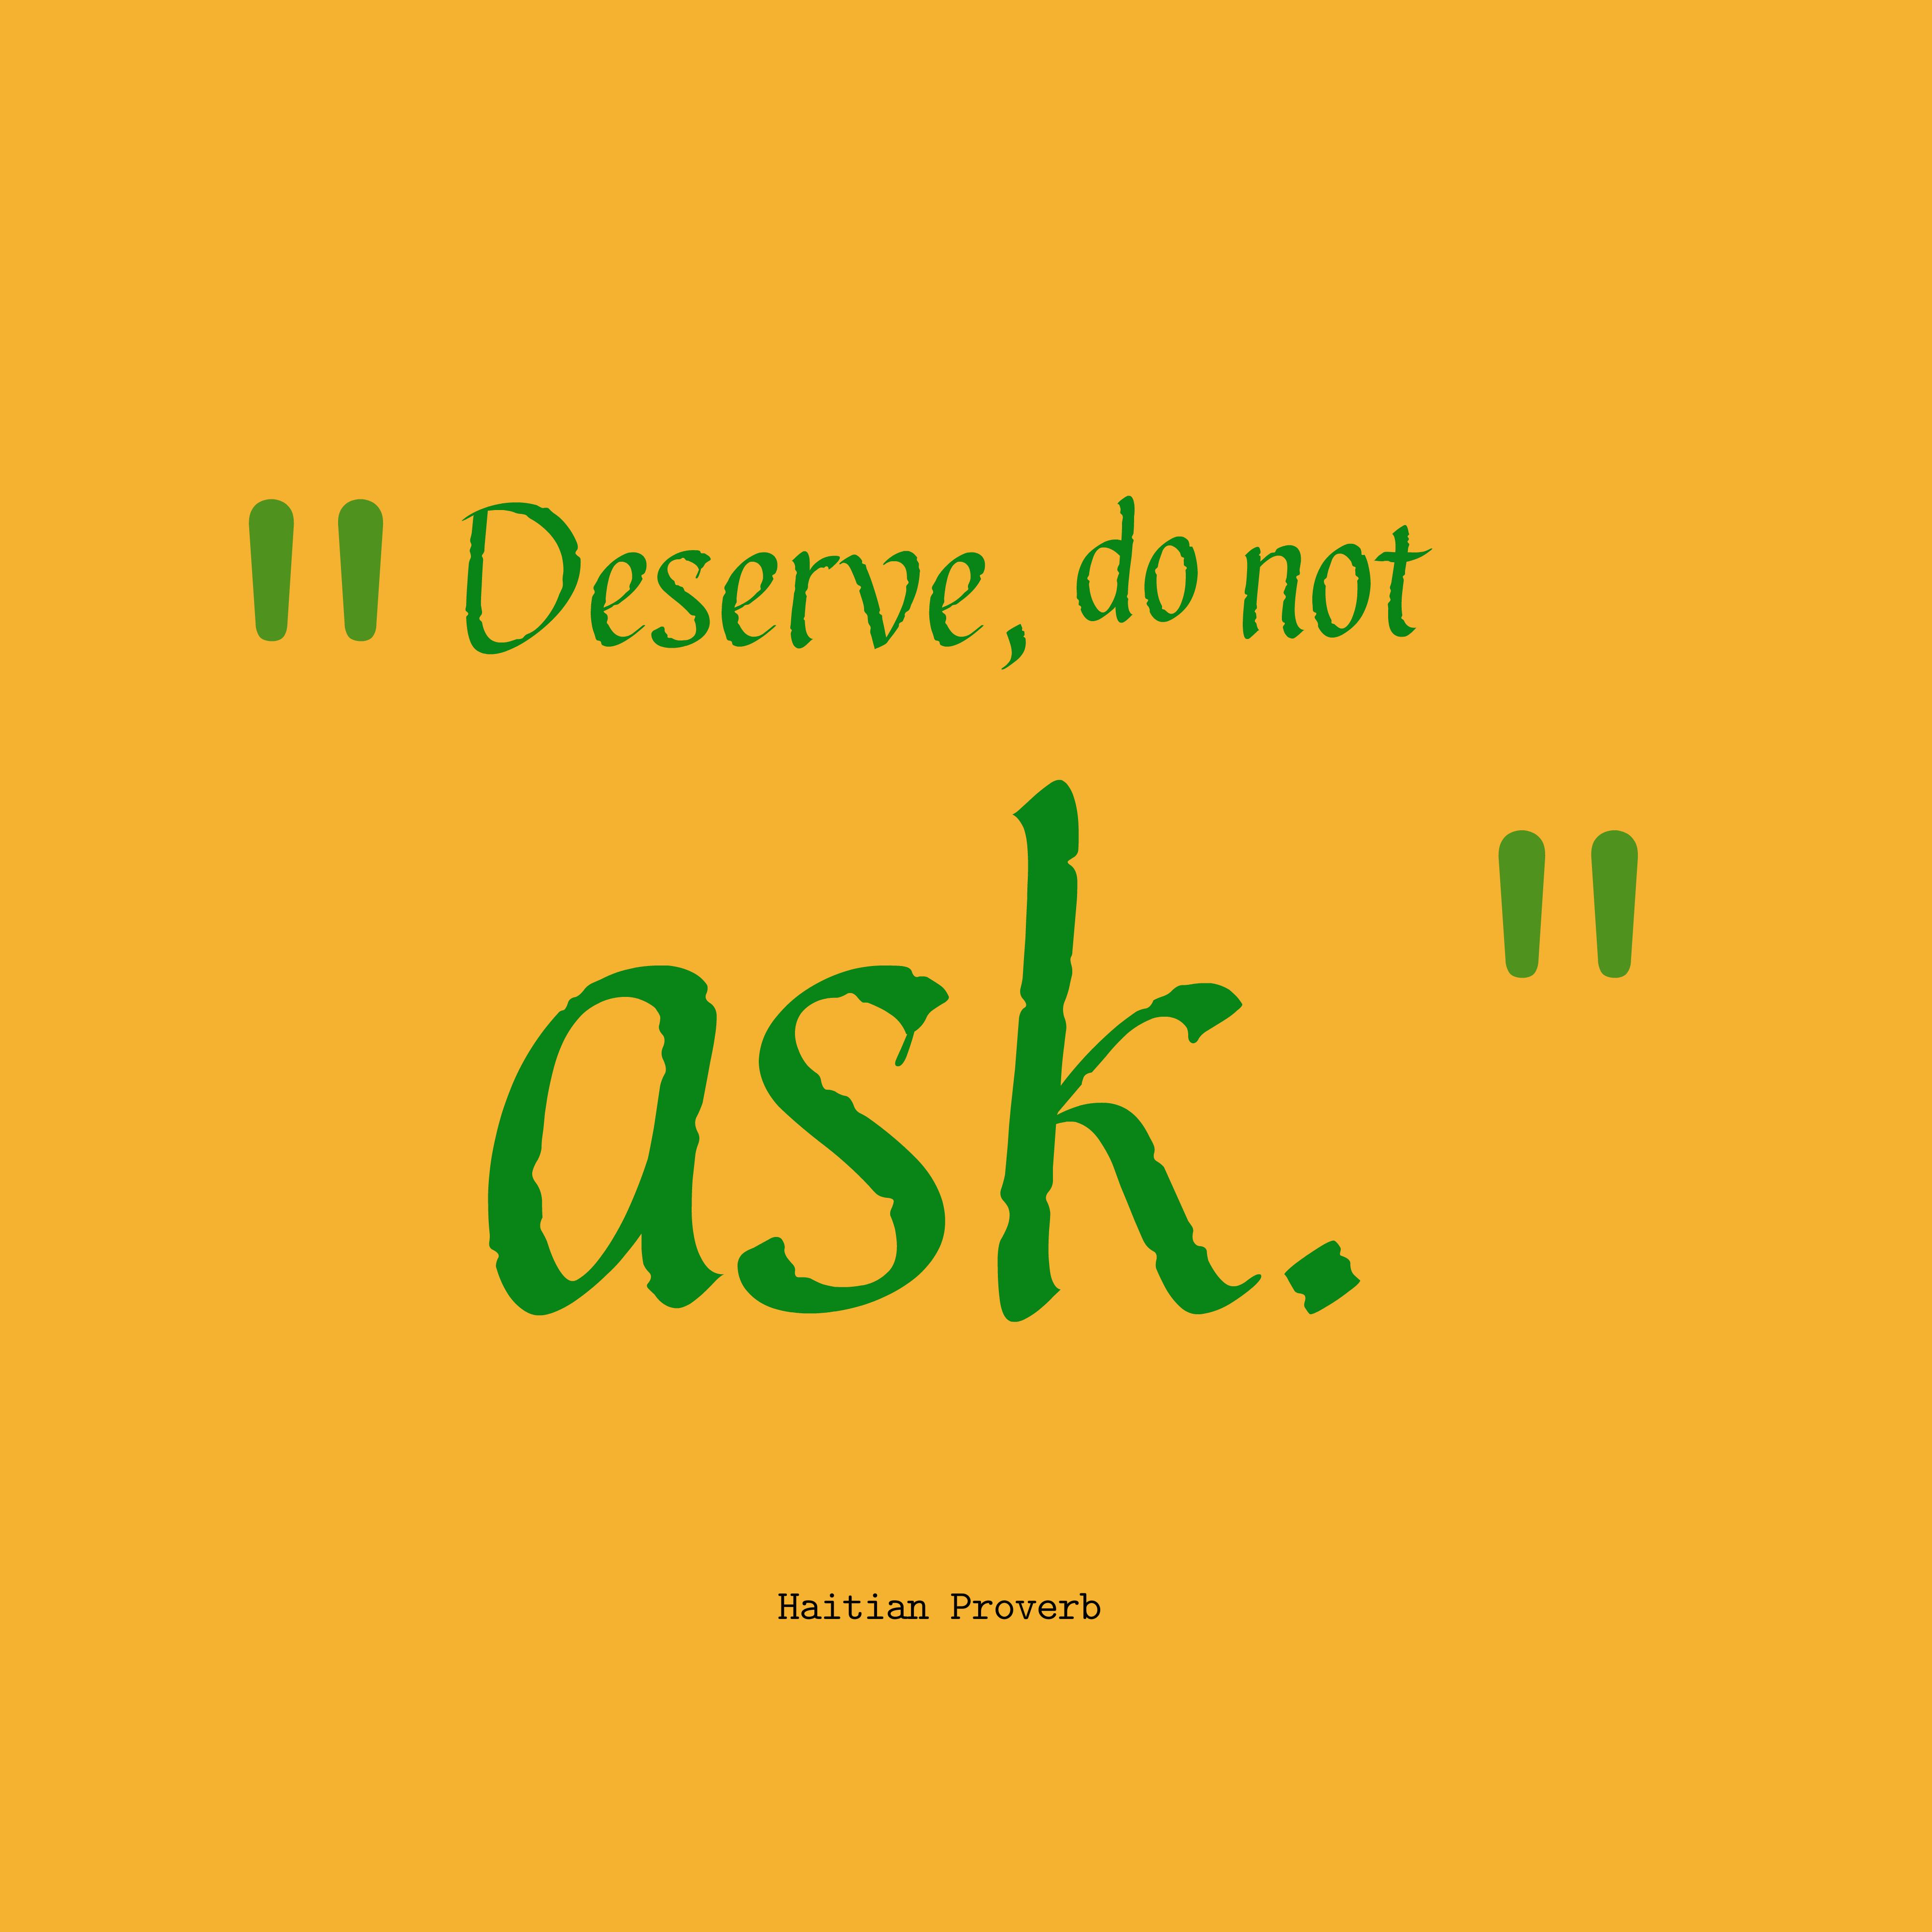 Haitian Proverb About Deserve